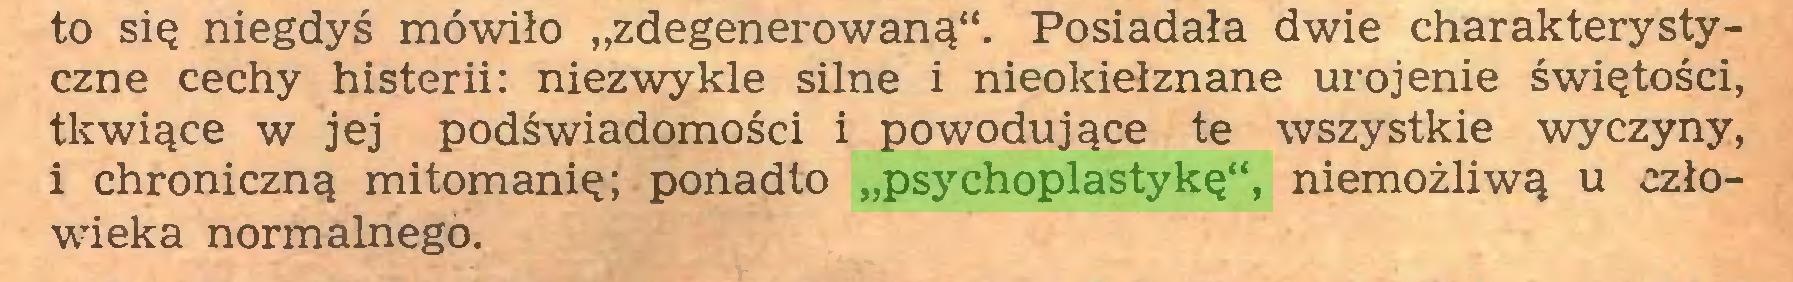 """(...) to się niegdyś mówiło """"zdegenerowaną"""". Posiadała dwie charakterystyczne cechy histerii: niezwykle silne i nieokiełznane urojenie świętości, tkwiące w jej podświadomości i powodujące te wszystkie wyczyny, i chroniczną mitomanię; ponadto """"psychoplastykę"""", niemożliwą u człowieka normalnego..."""